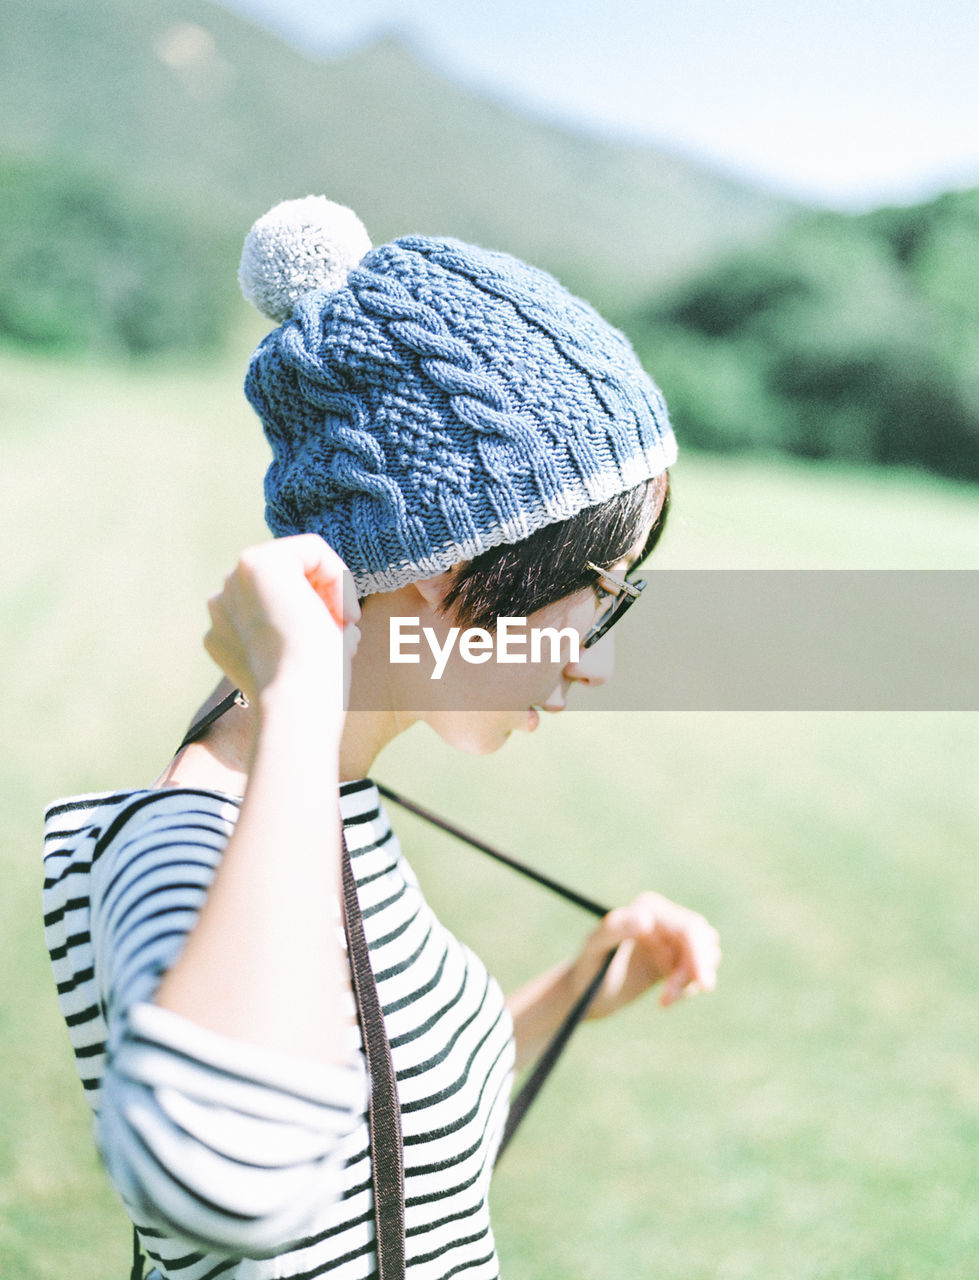 Woman wearing knit hat on field